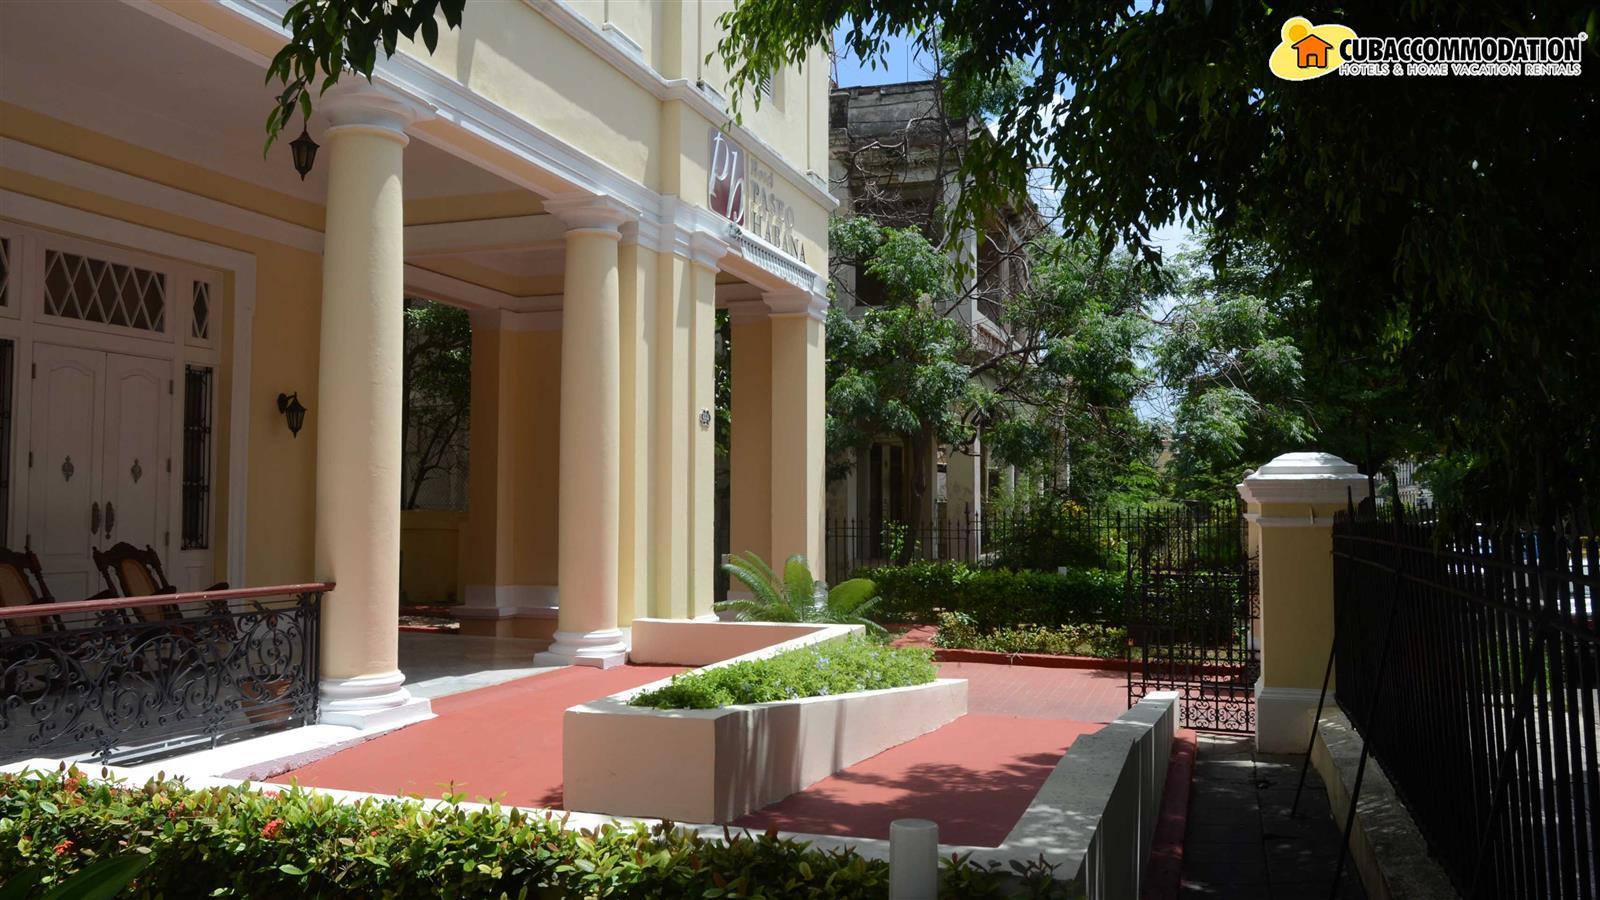 Hotels, Hotel Paseo Habana, Home vacation apartment at ...